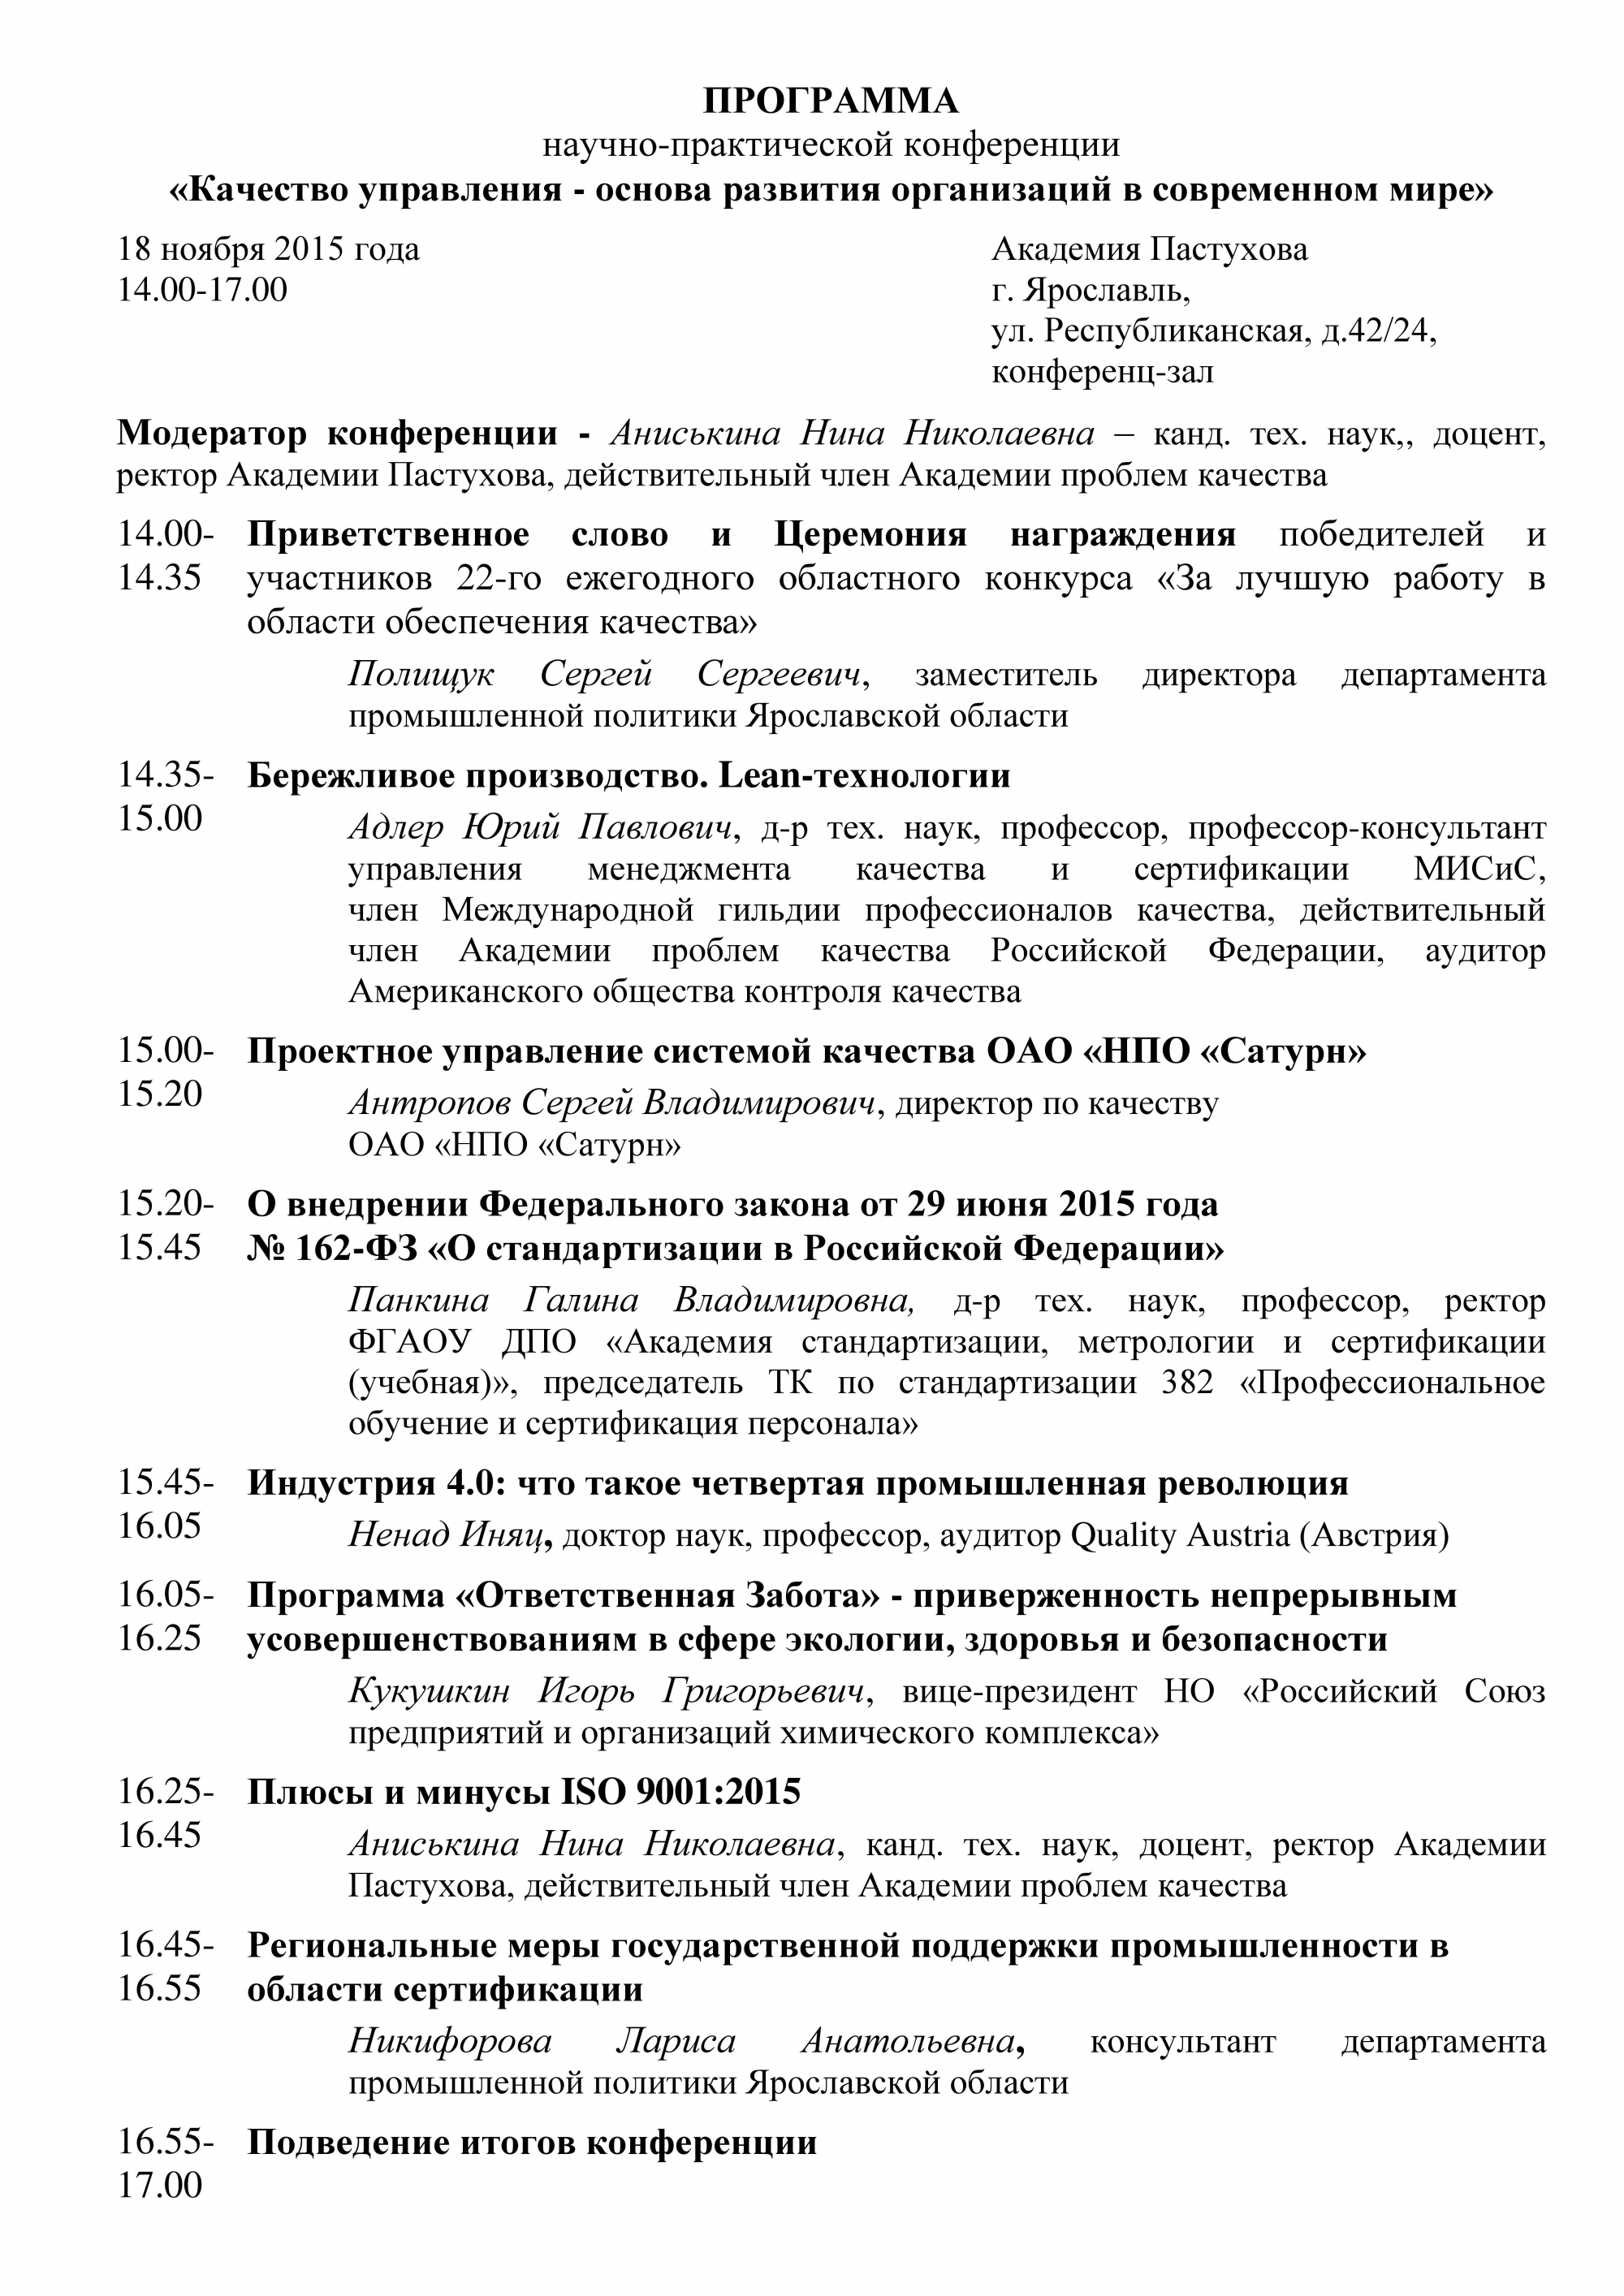 Презентация конференции по качеству 2015